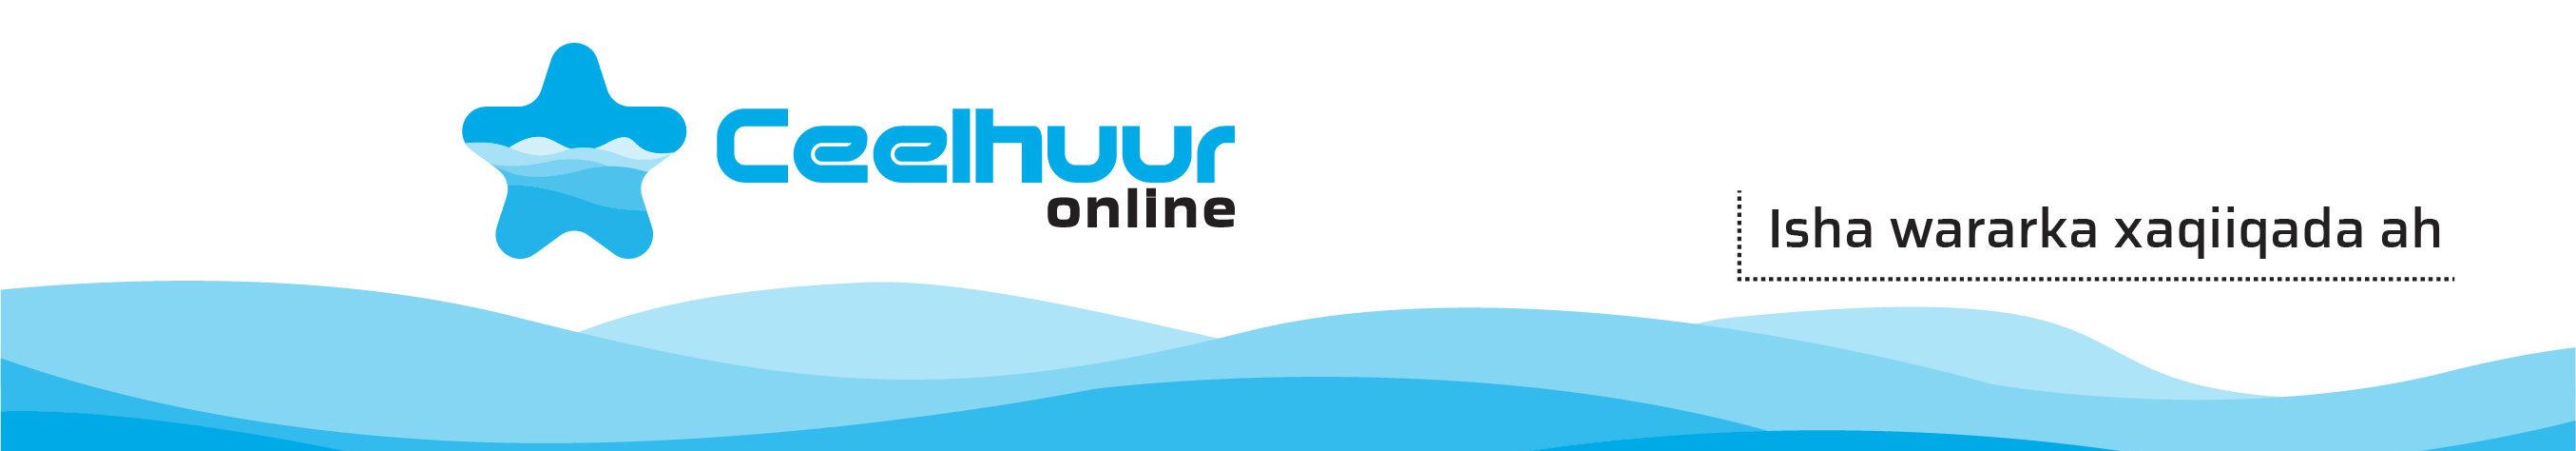 Ceelhuur Online